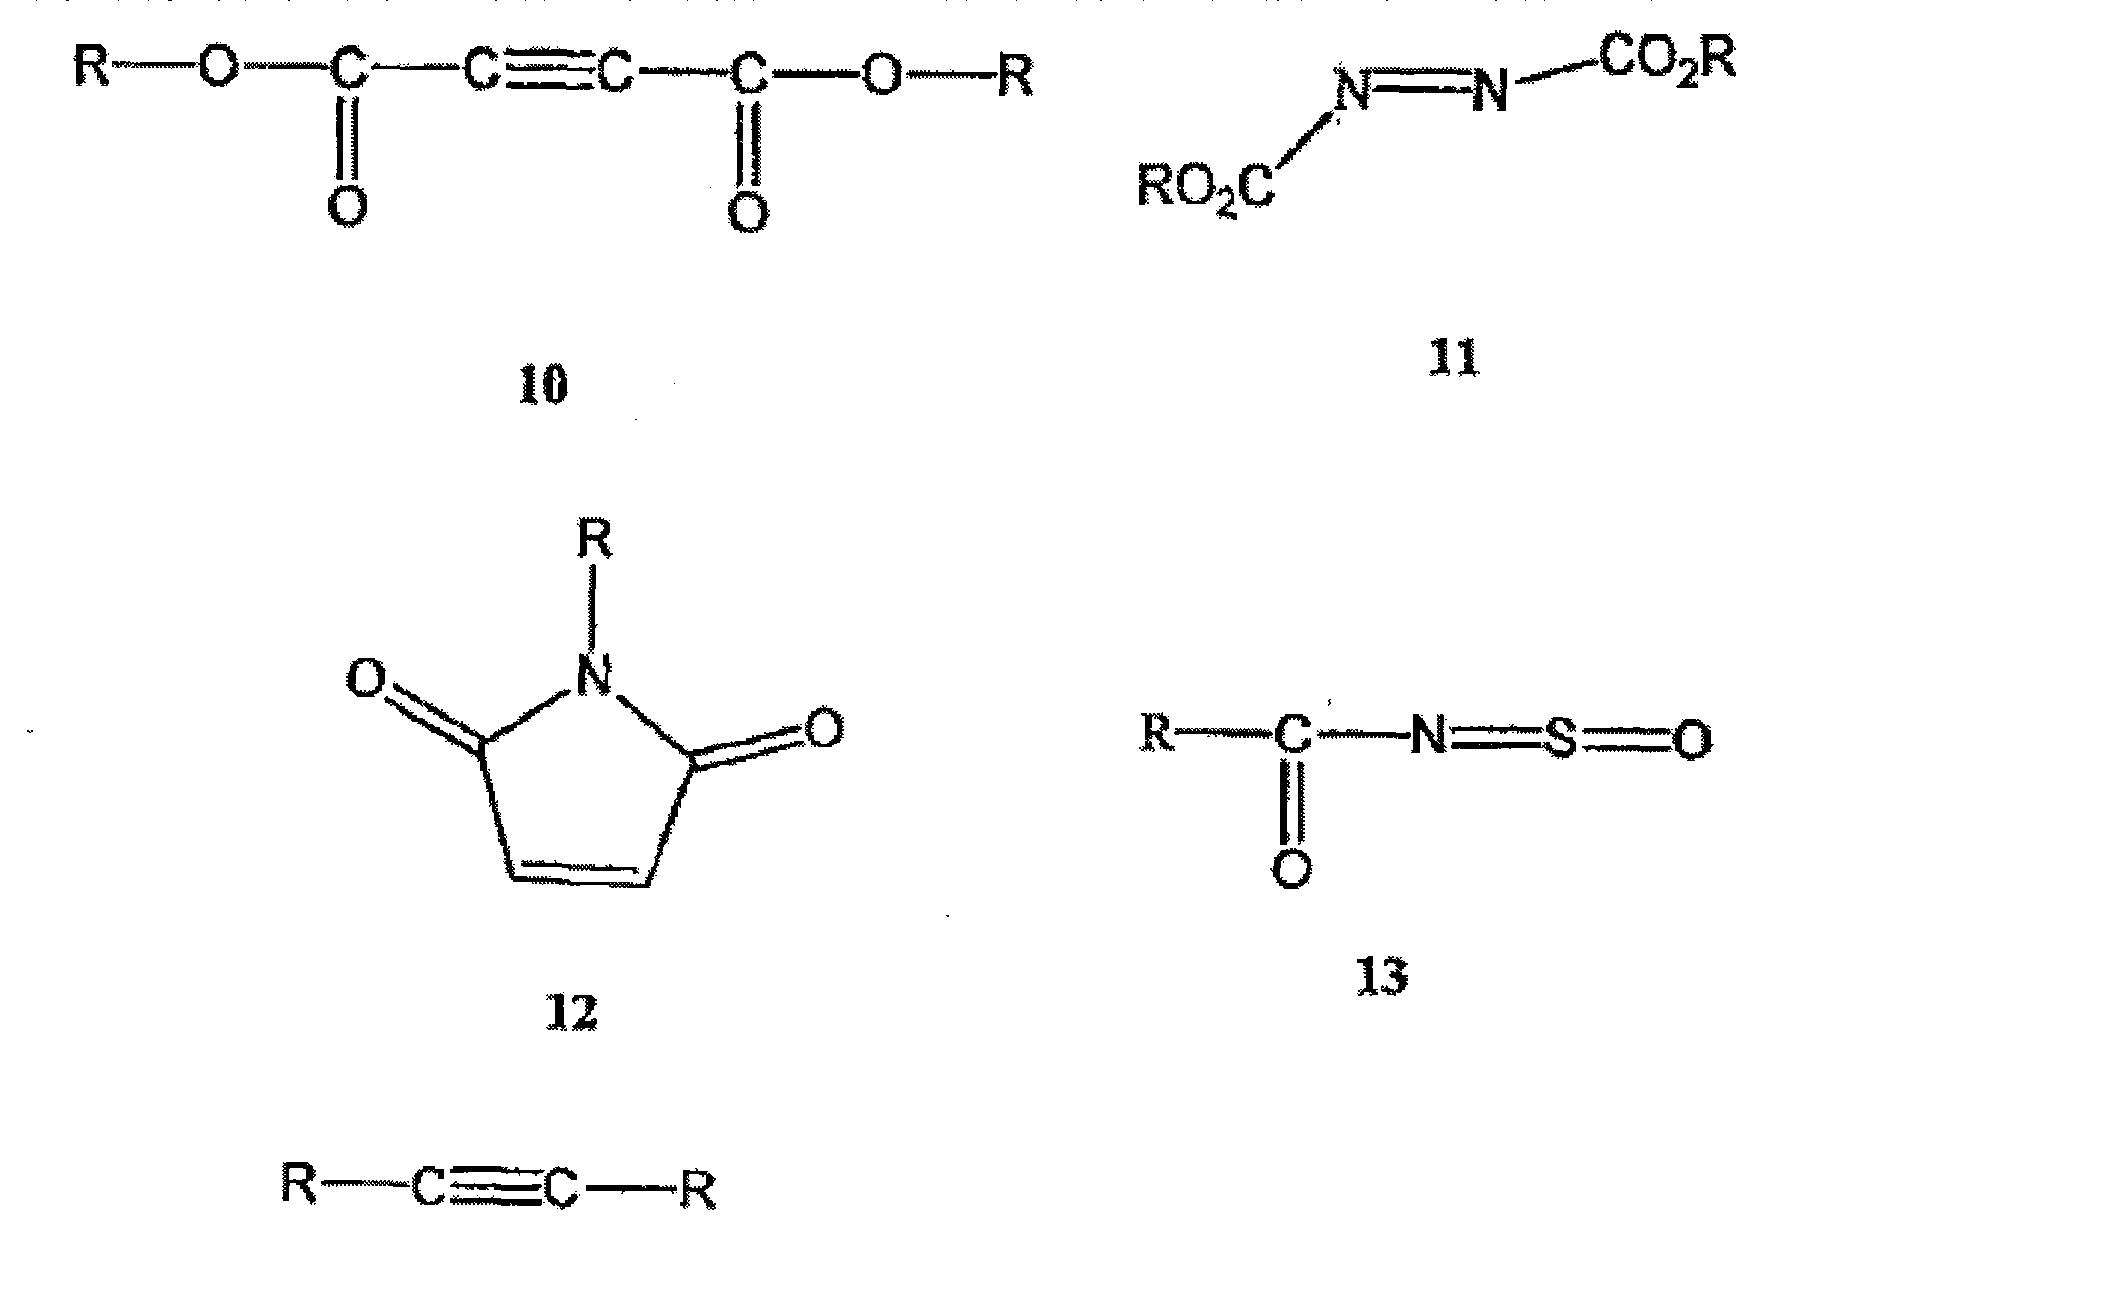 碳纳米管和富勒烯与分子夹的